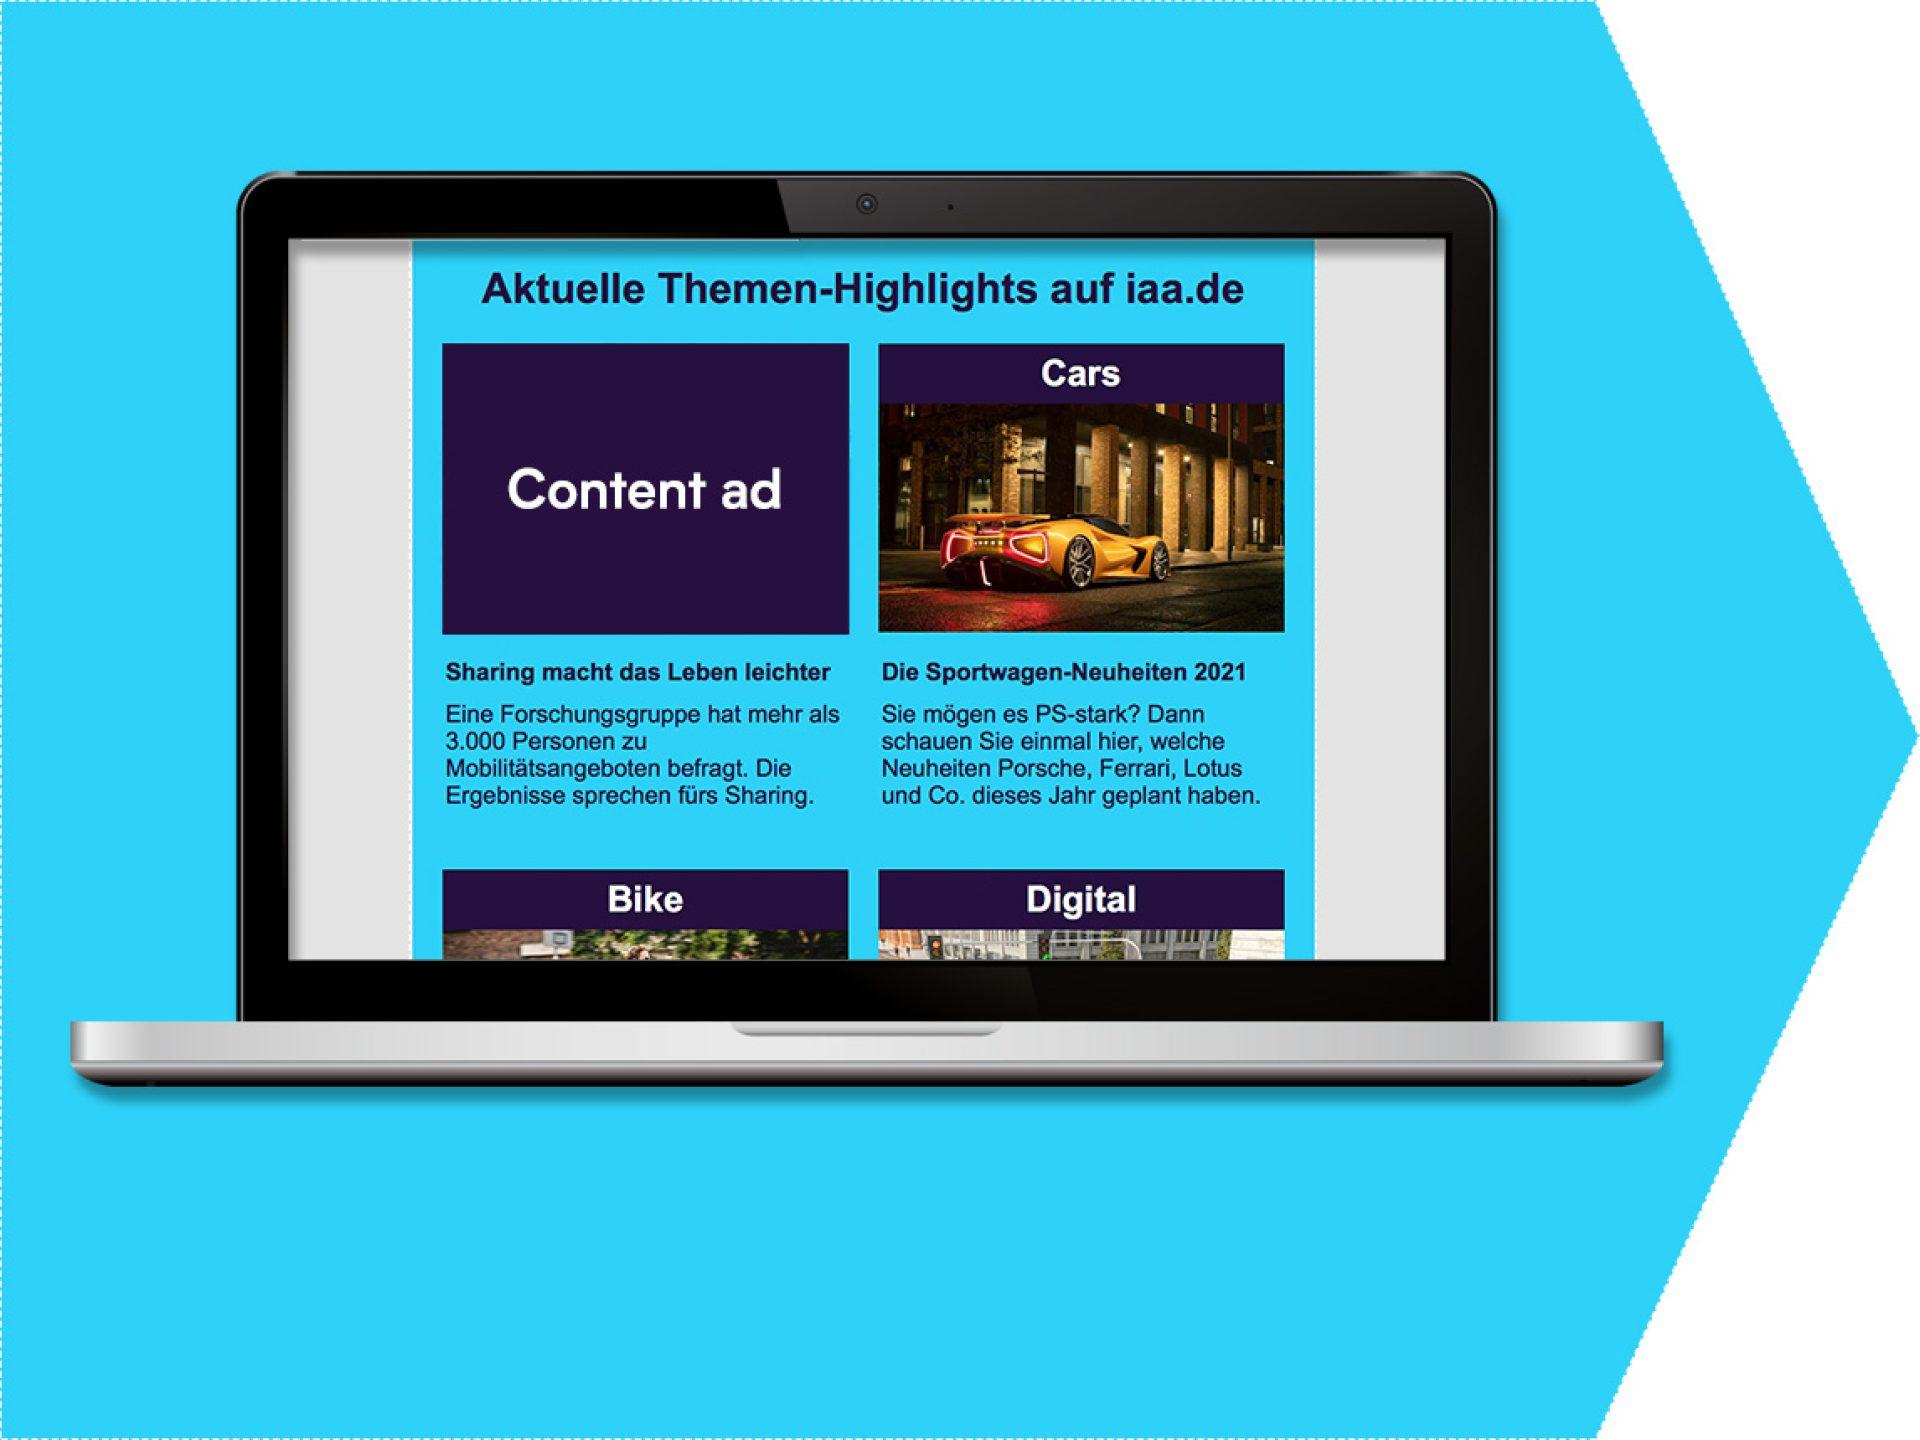 Content ad